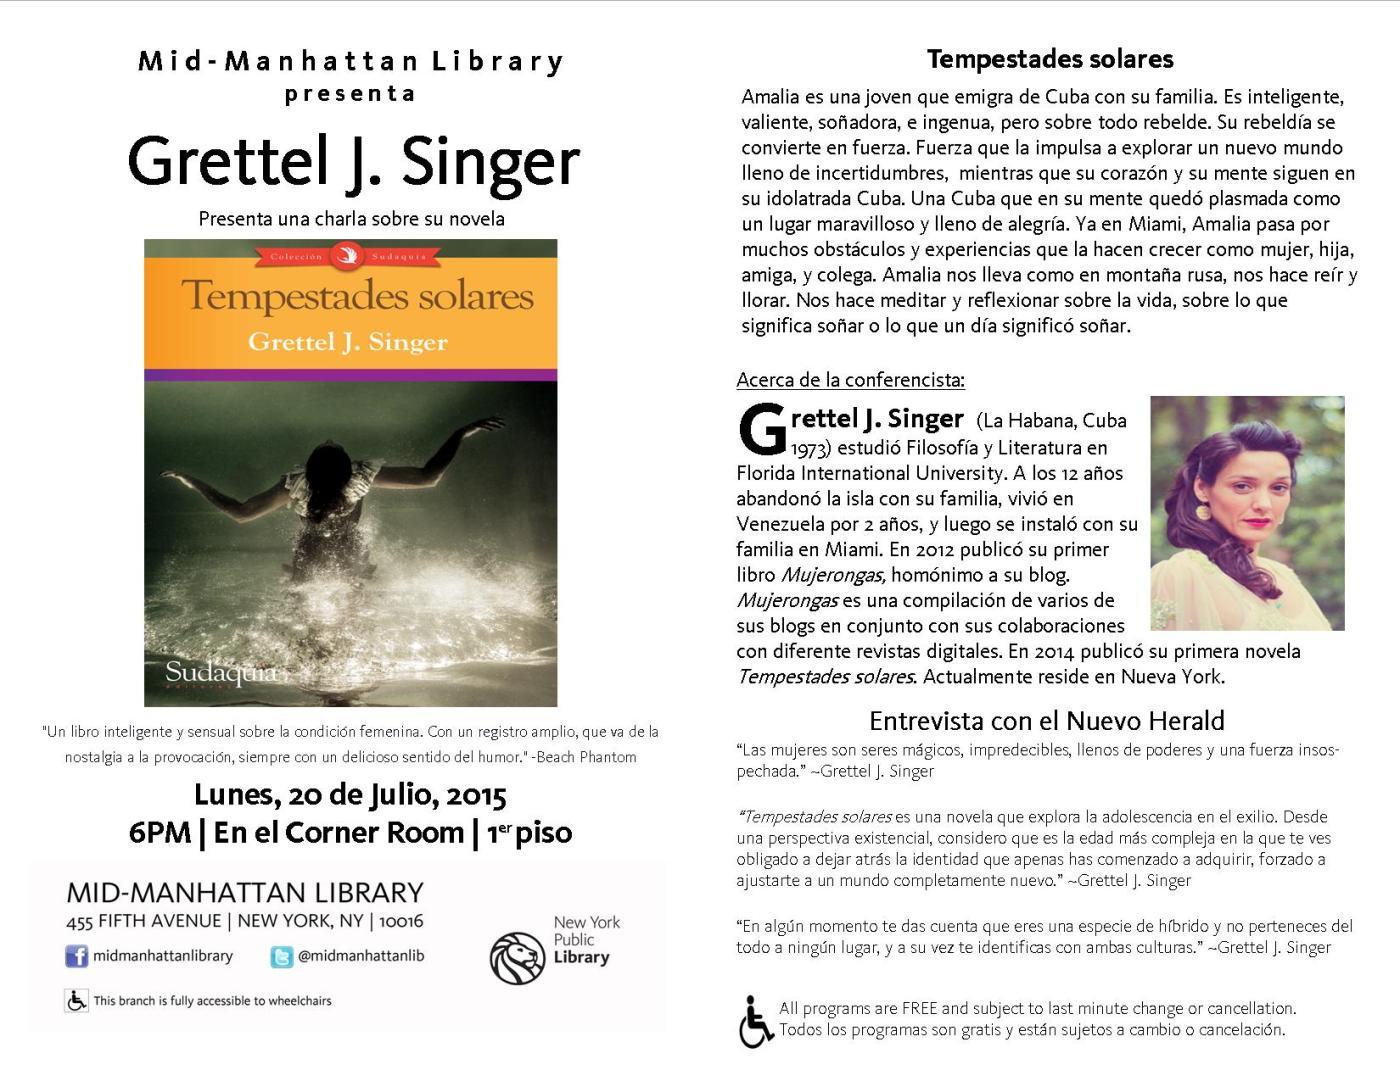 Grettel J. Singer ofrece charla sobre su novela ¨Tempestades solares¨ | Project Zu